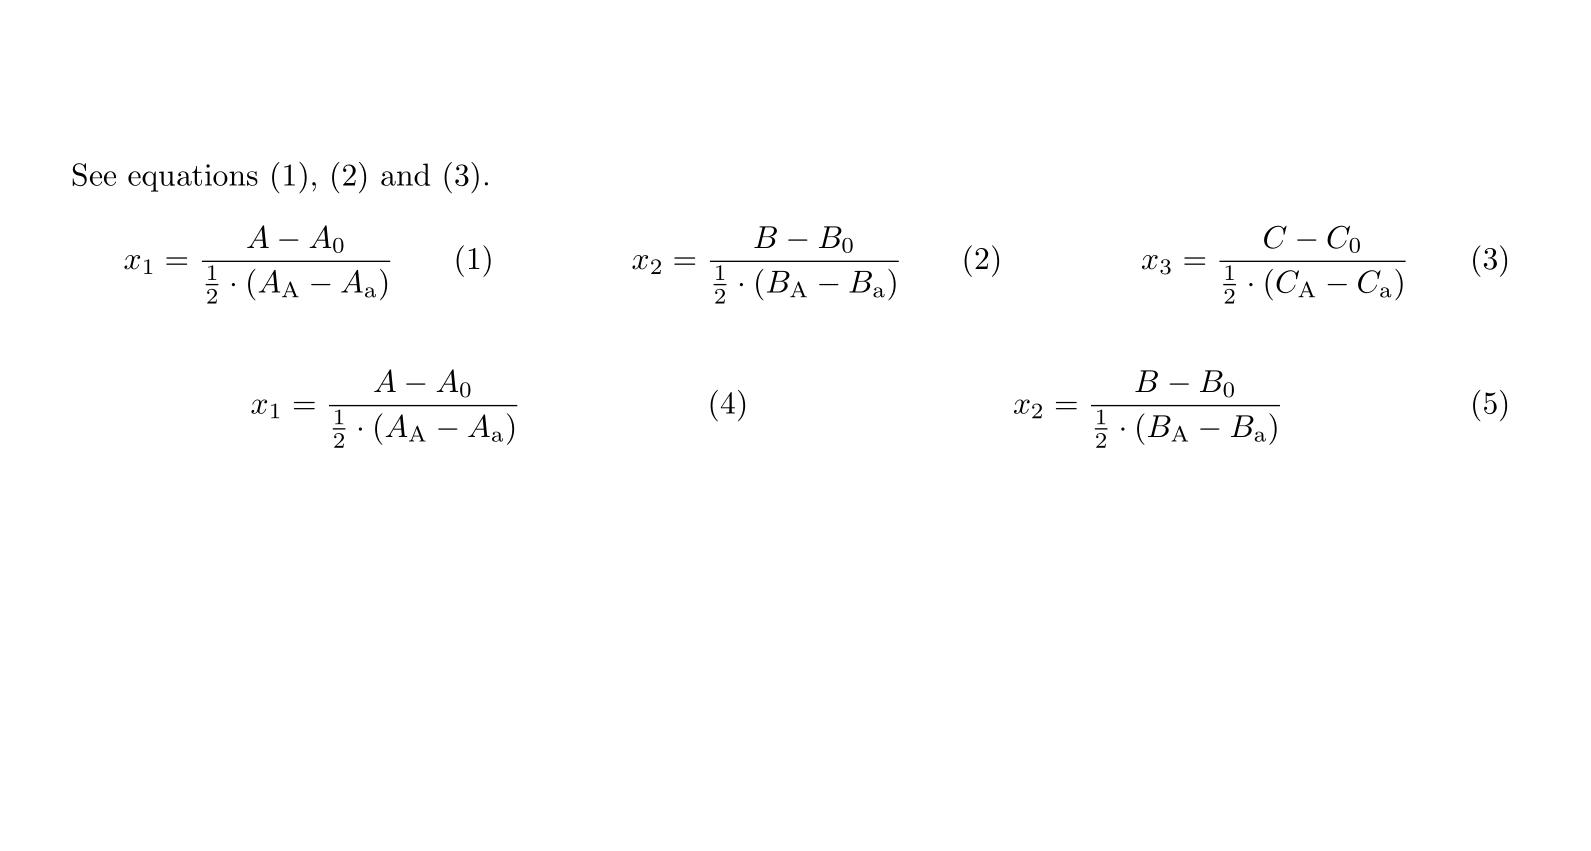 一行内写多个带编号公式的简易实现